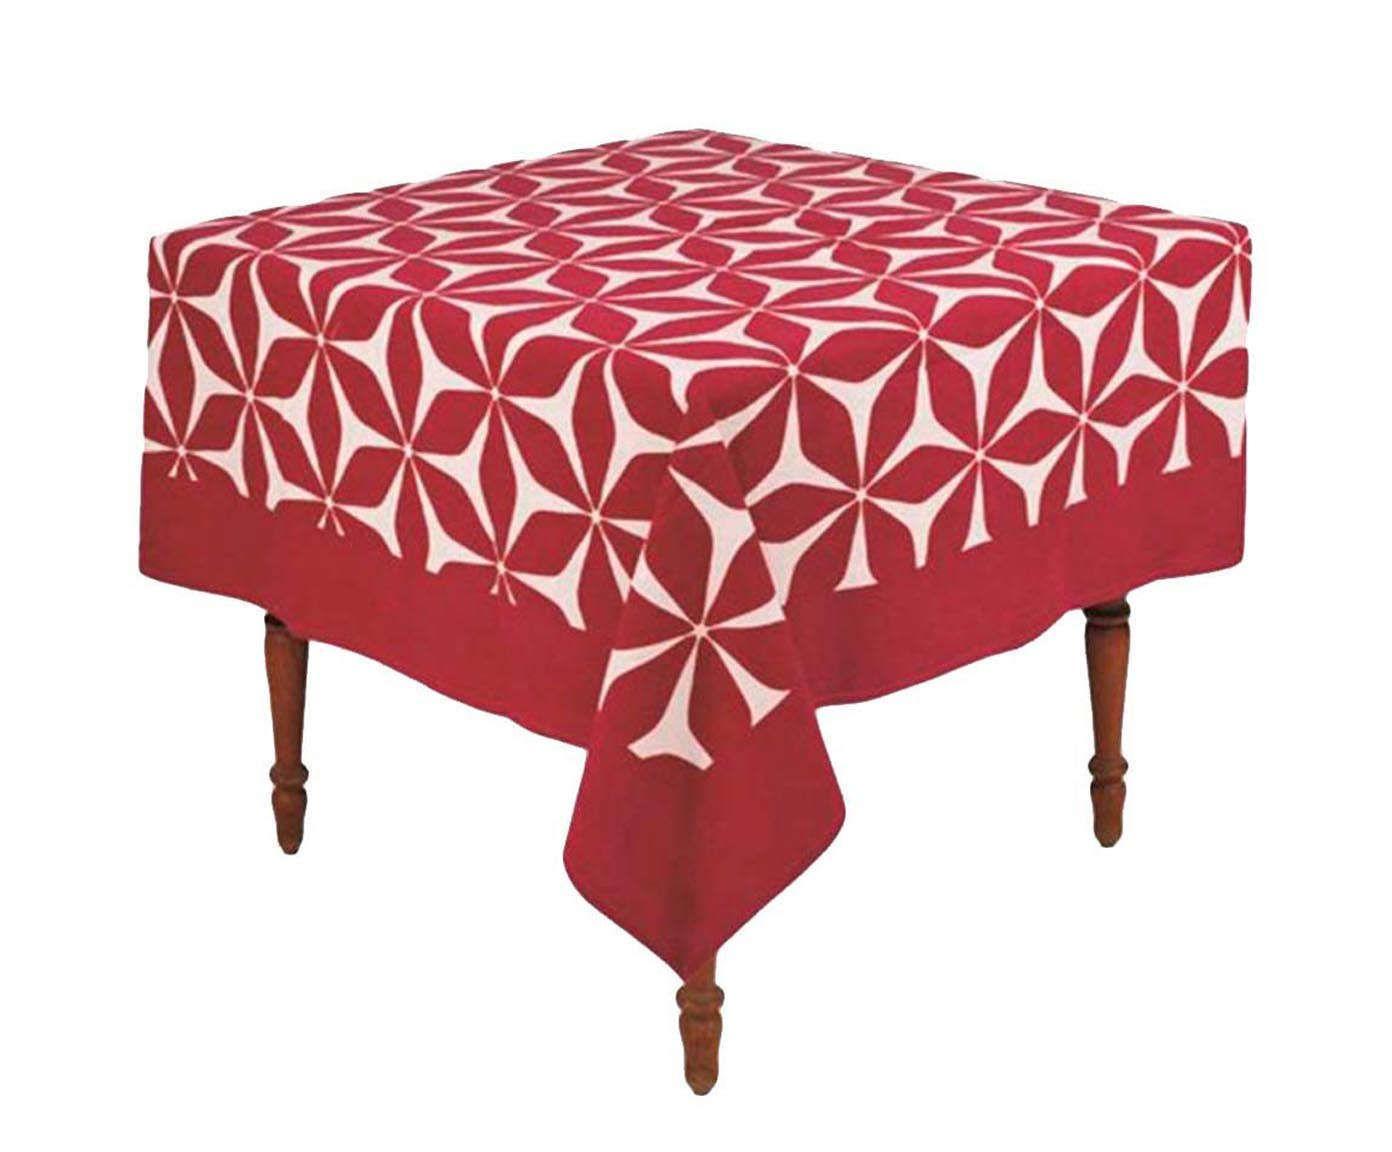 Toalha de mesa al starlight - 180x300cm | Westwing.com.br